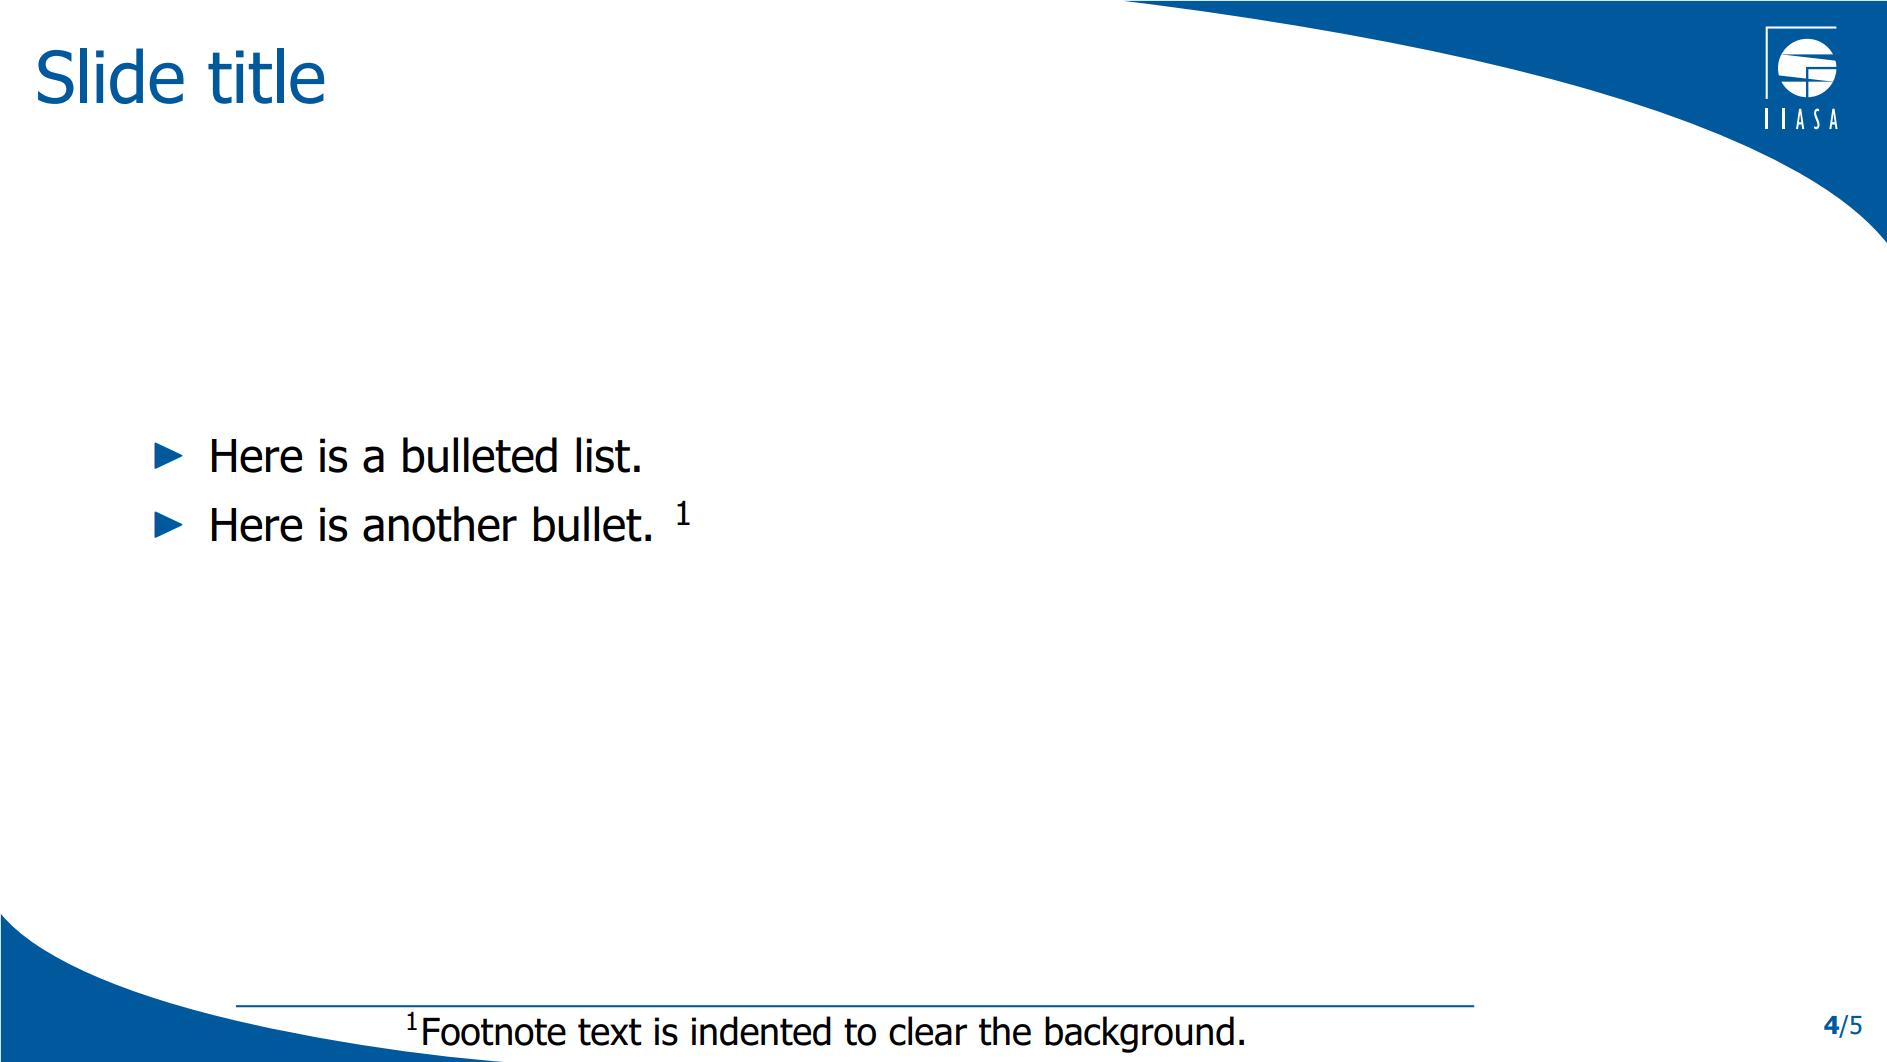 应用系统分析研究所的 beamer 主题